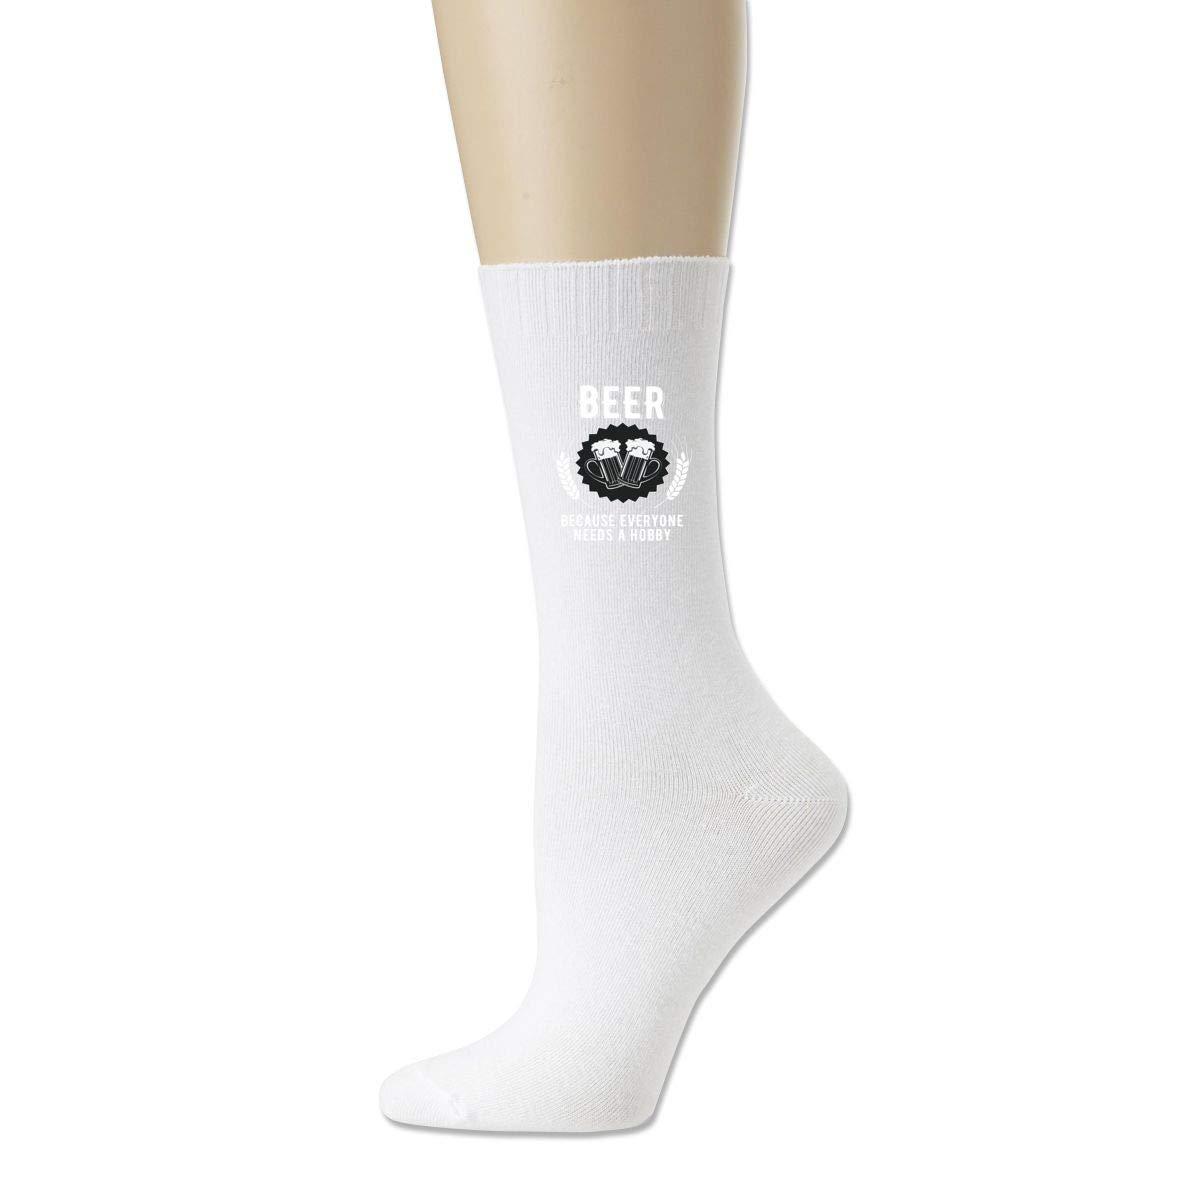 Rigg-socks Beer Drinker For Men Comfortable Sport Socks White